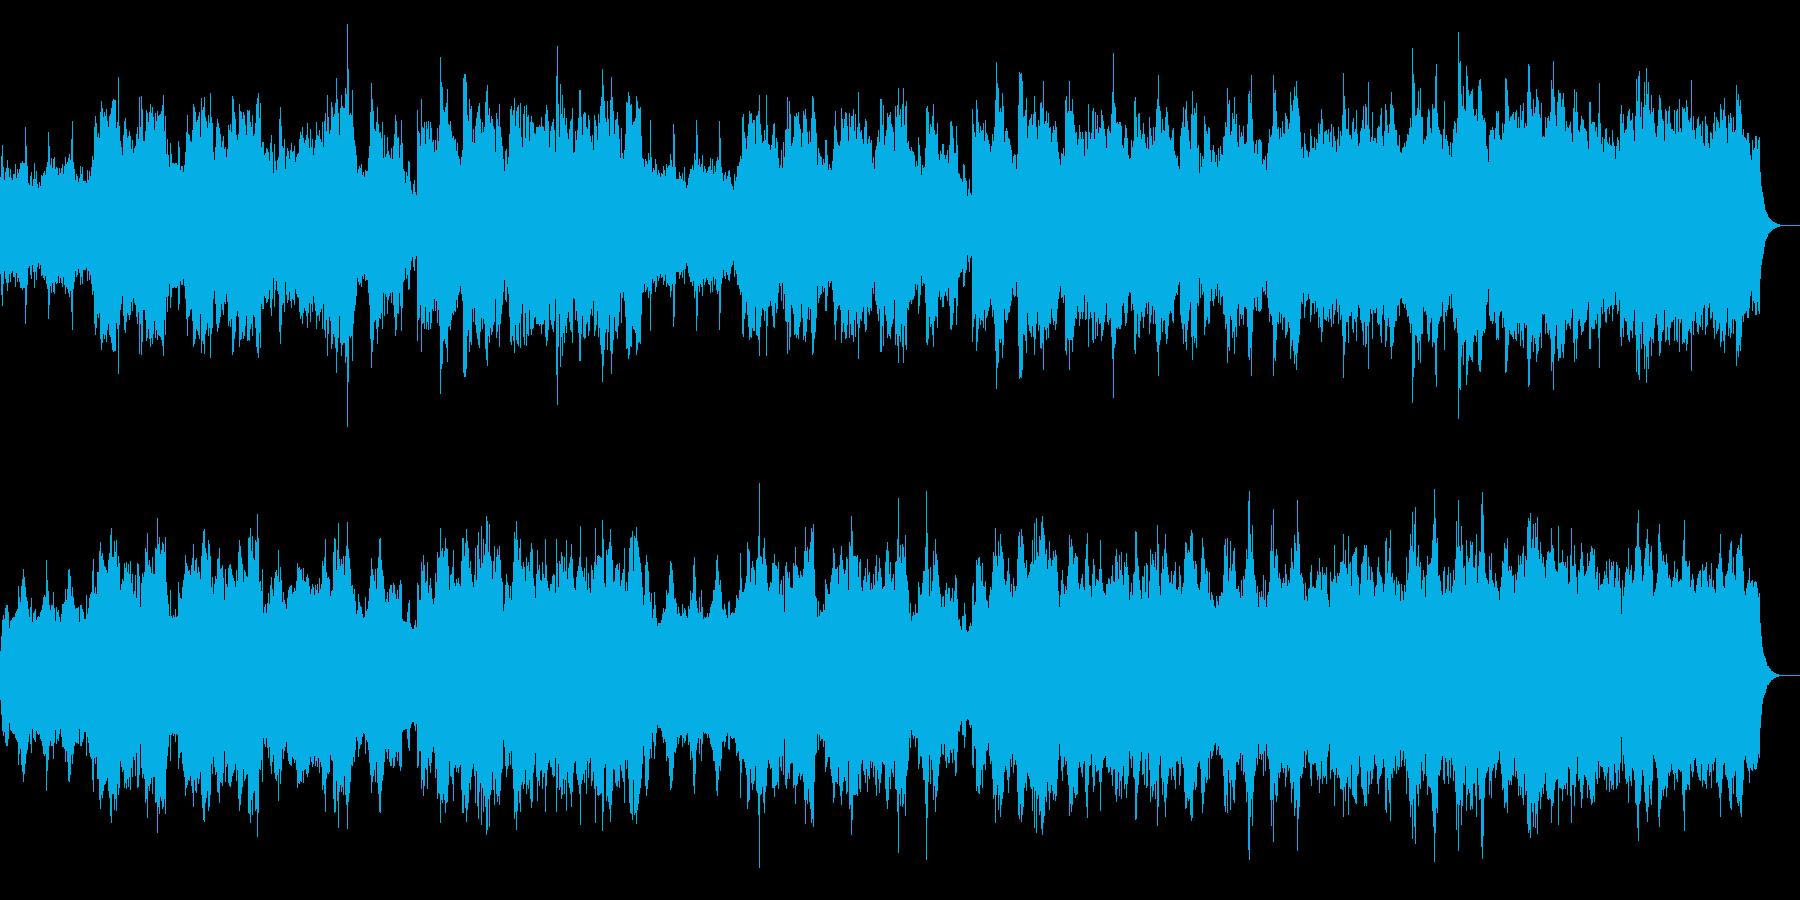 ハロウィン系BGM 魔法の森 ロング版の再生済みの波形